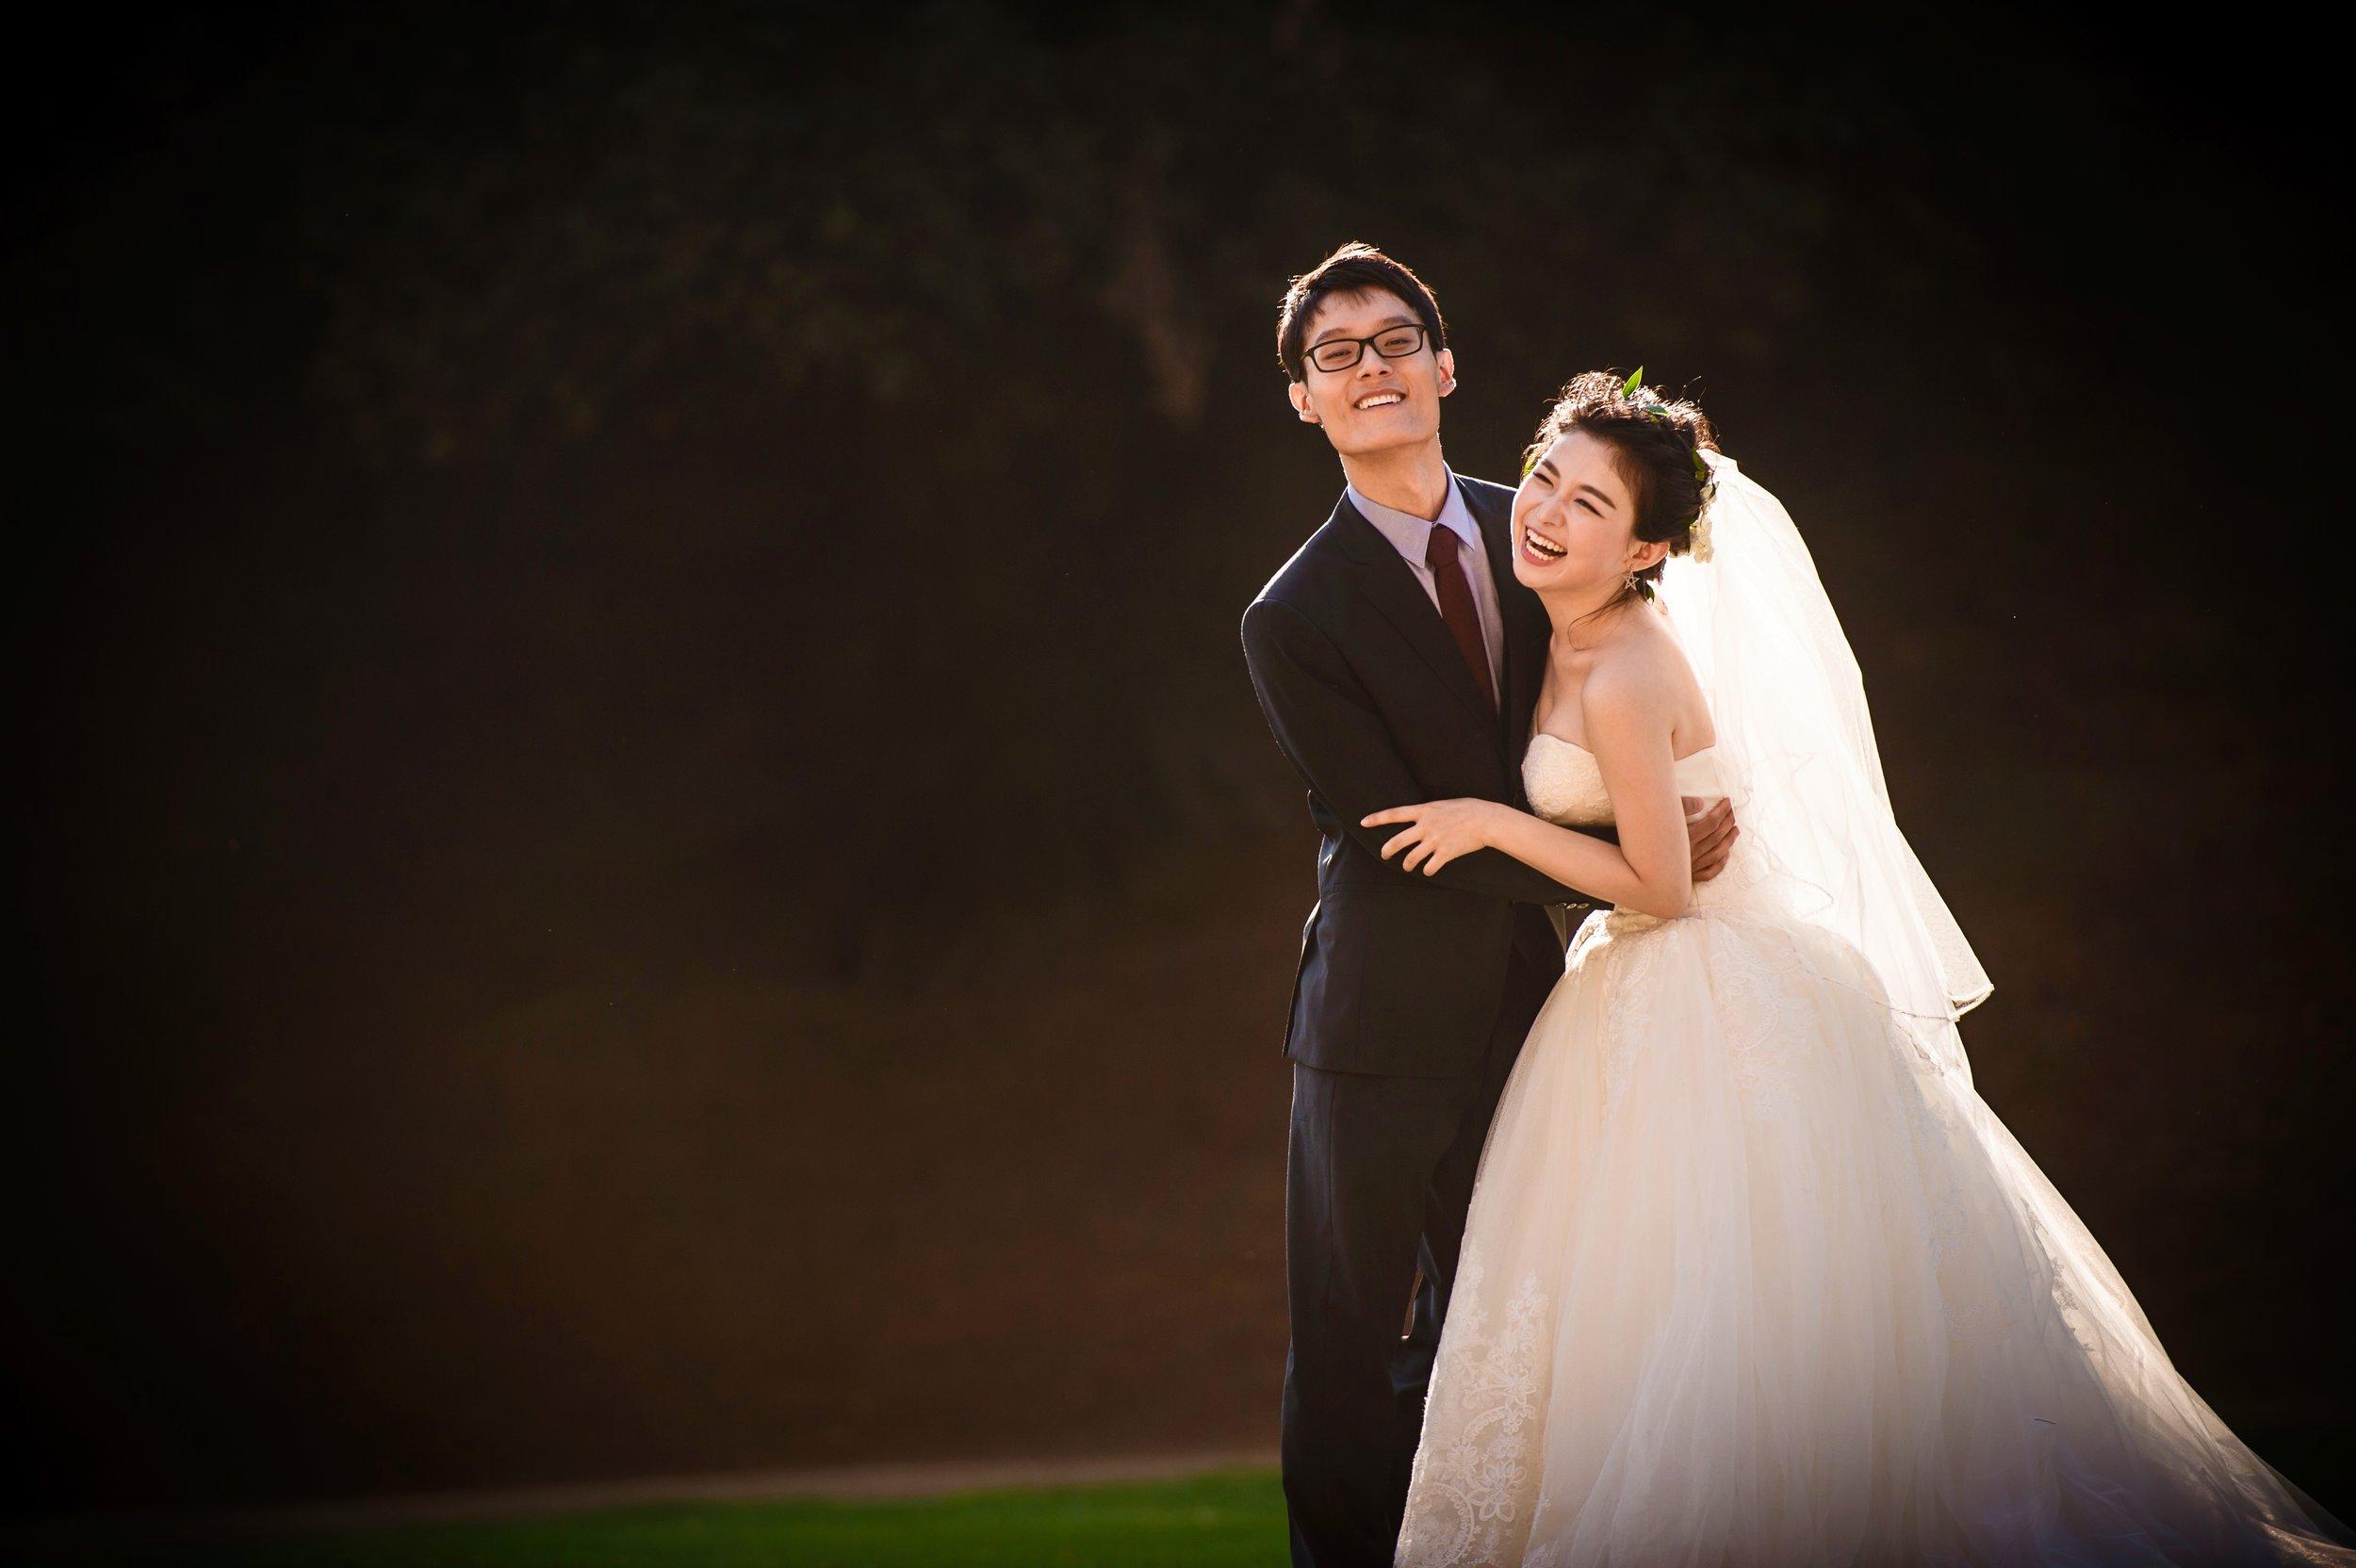 洛杉矶 los angeles griffith park pre wedding 婚纱照